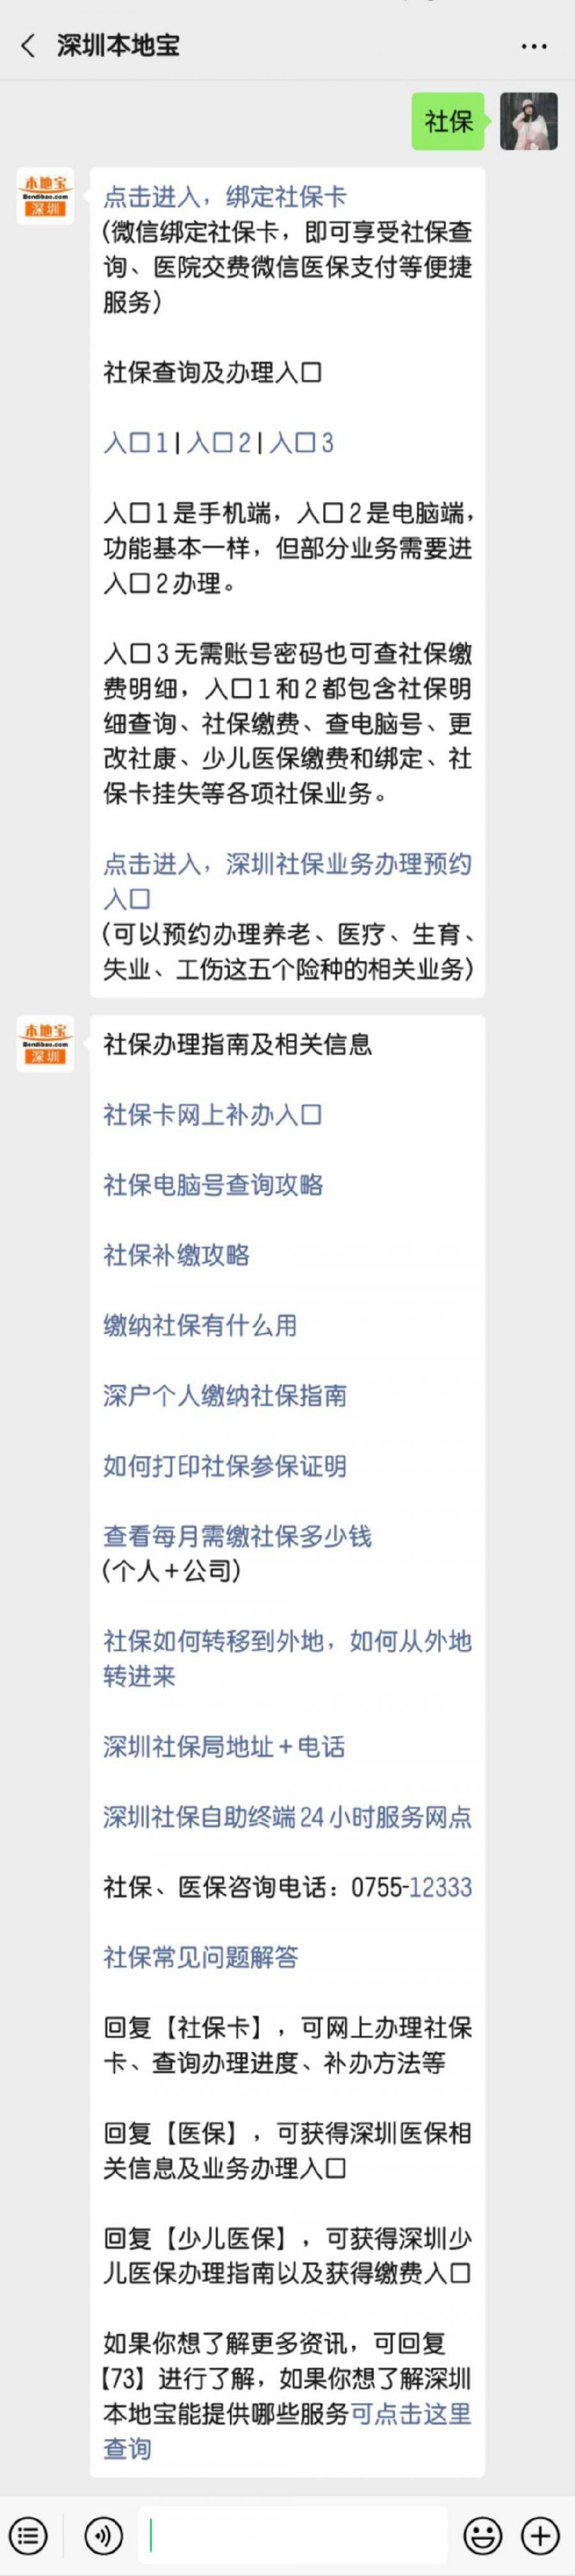 在深圳社保断缴了会清零吗 能不能累计记录